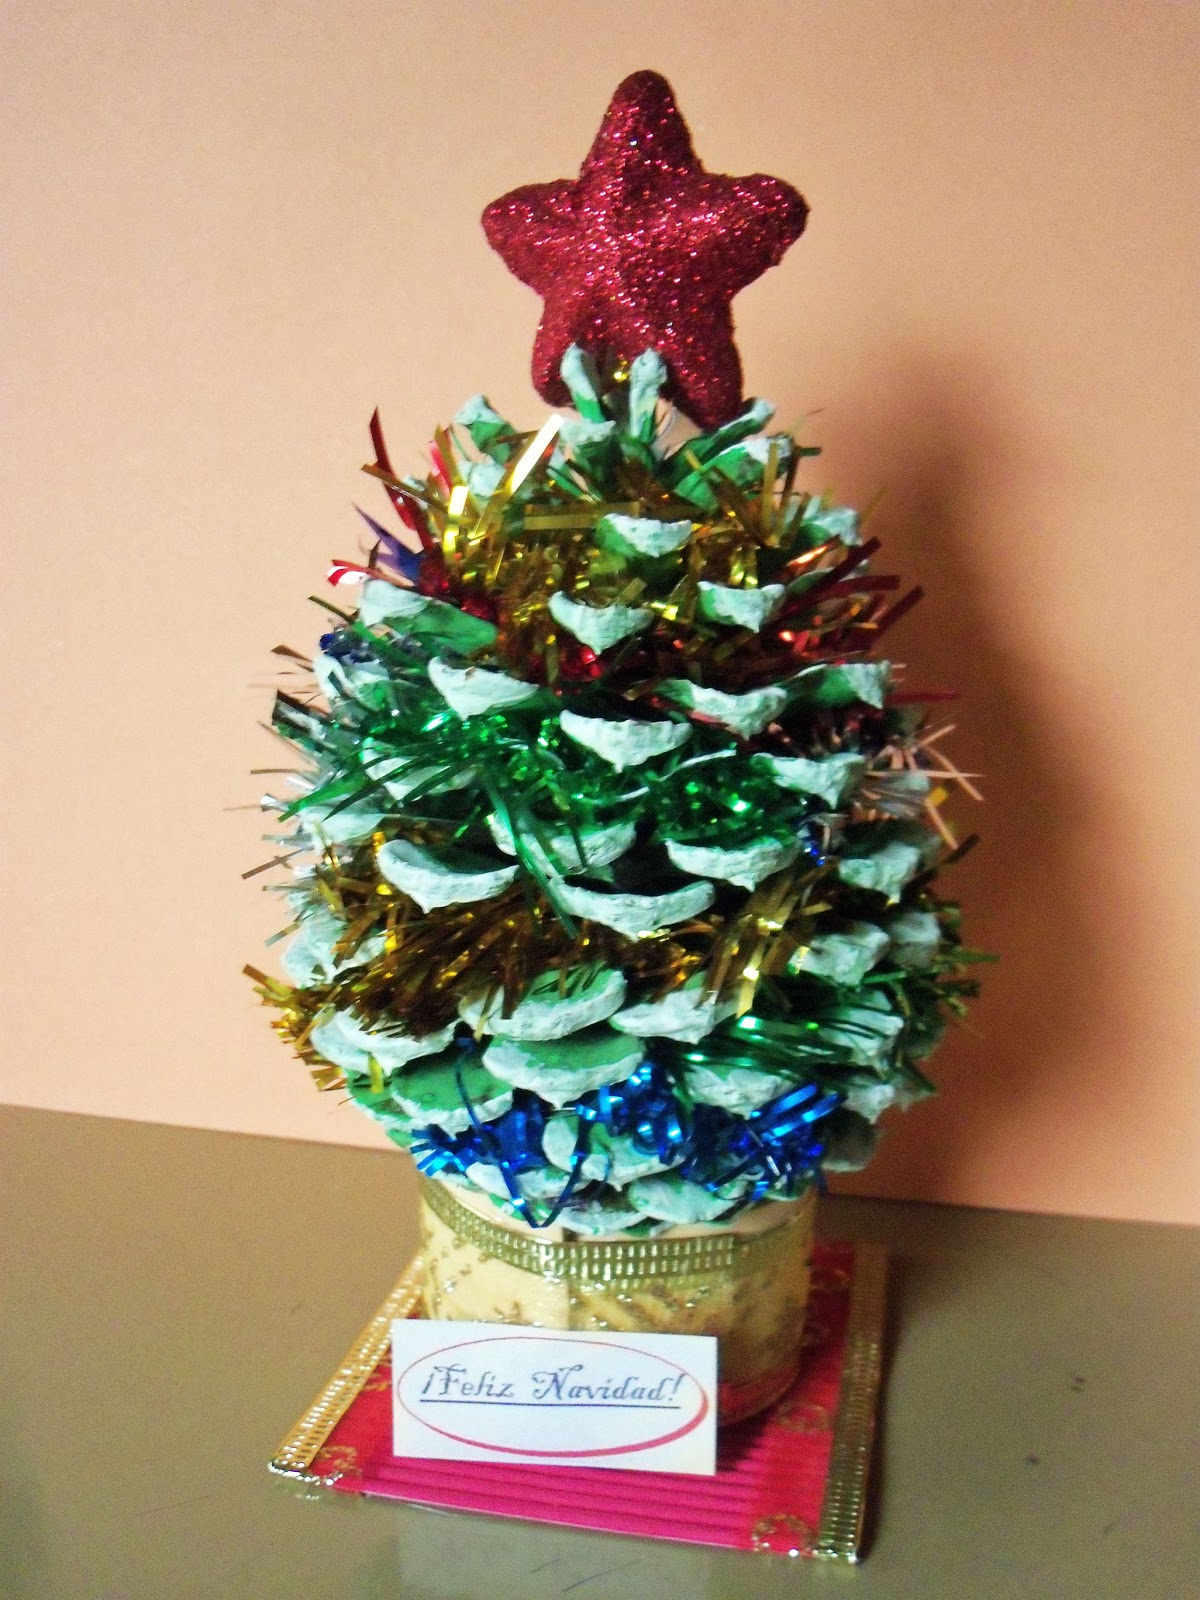 El rinc n de las melli pino navide o con pi a - Manualidades navidad con pinas ...